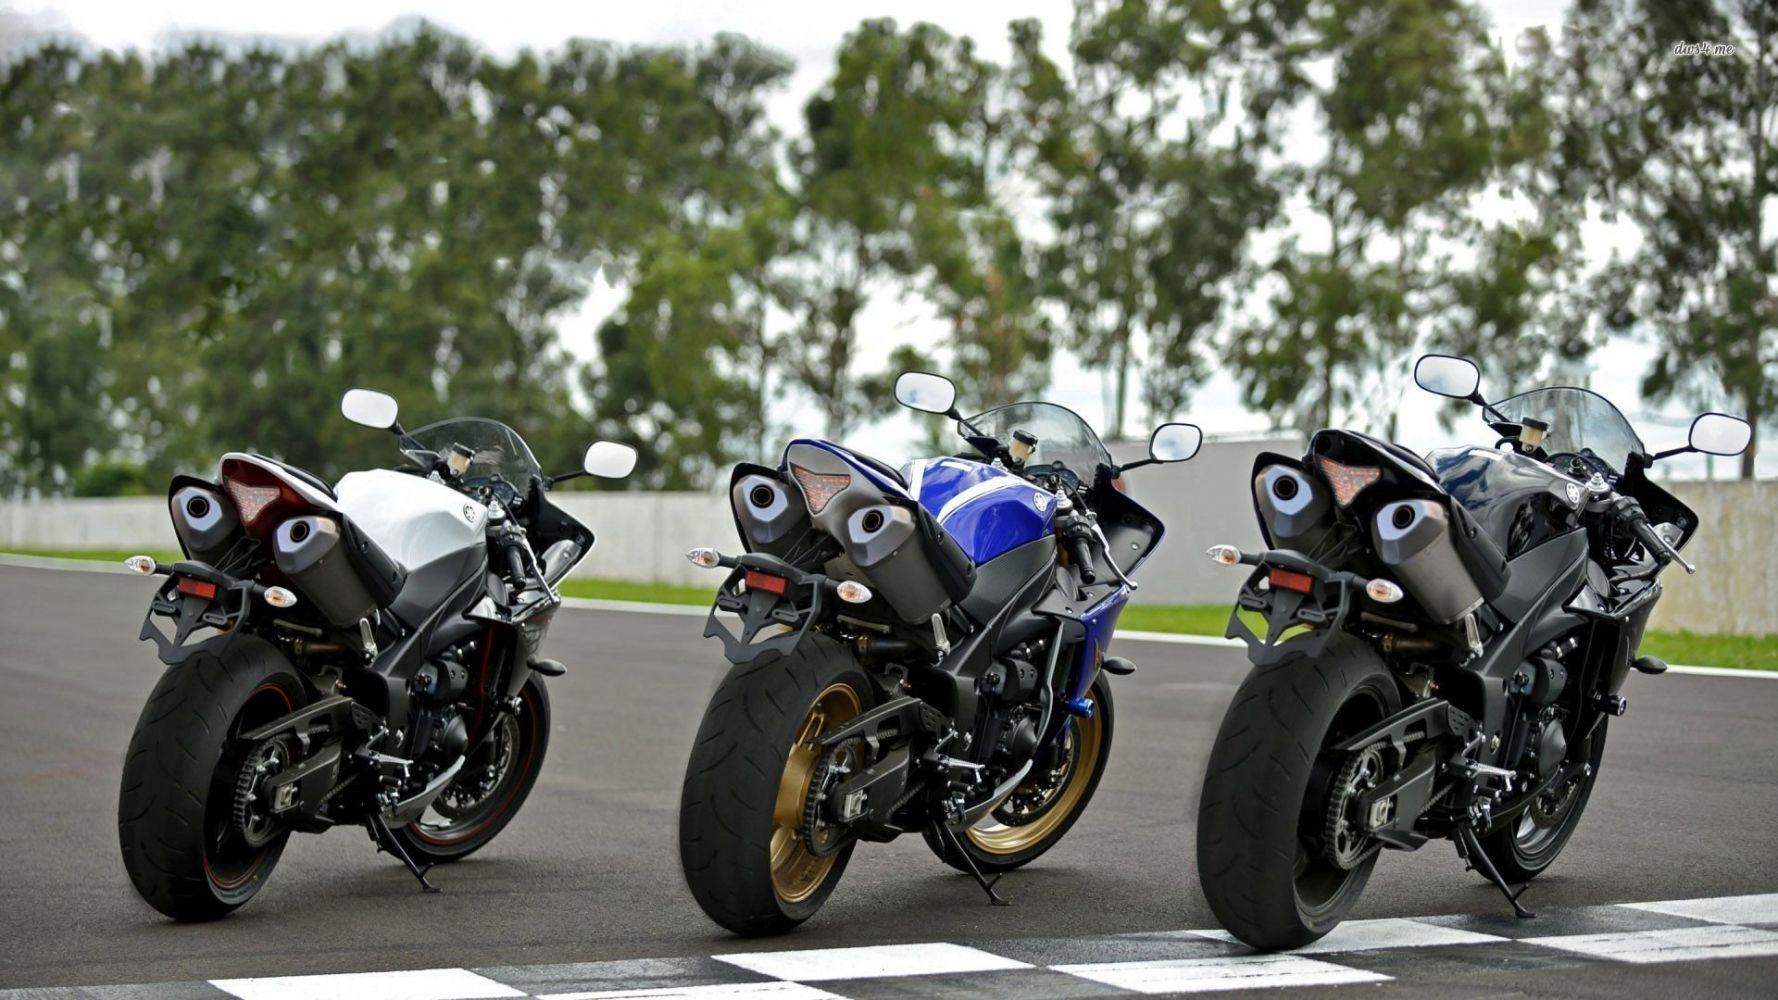 yamaha motorcycles cycle world - HD2560×1440